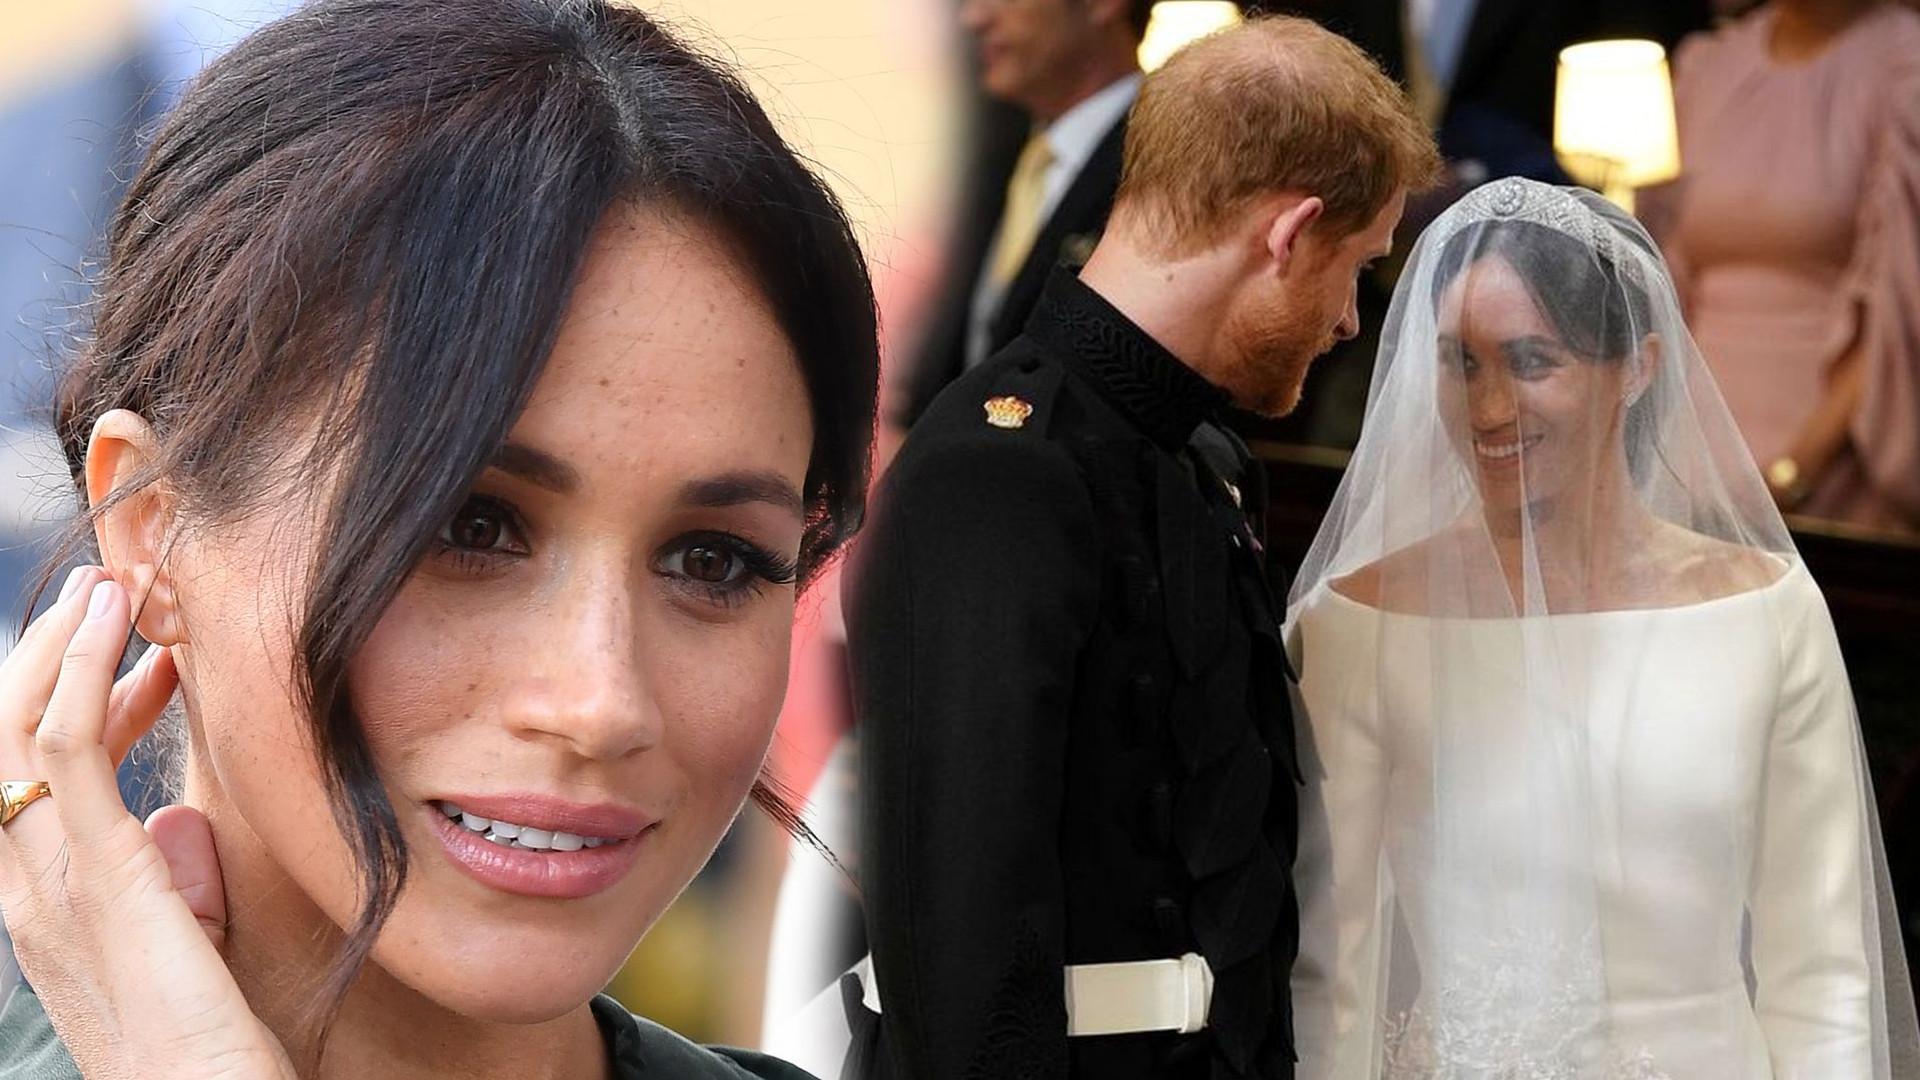 SZOKUJĄCY fakt wyszedł na jaw! Meghan Markle PORWANO na chwilę przed królewskim ślubem